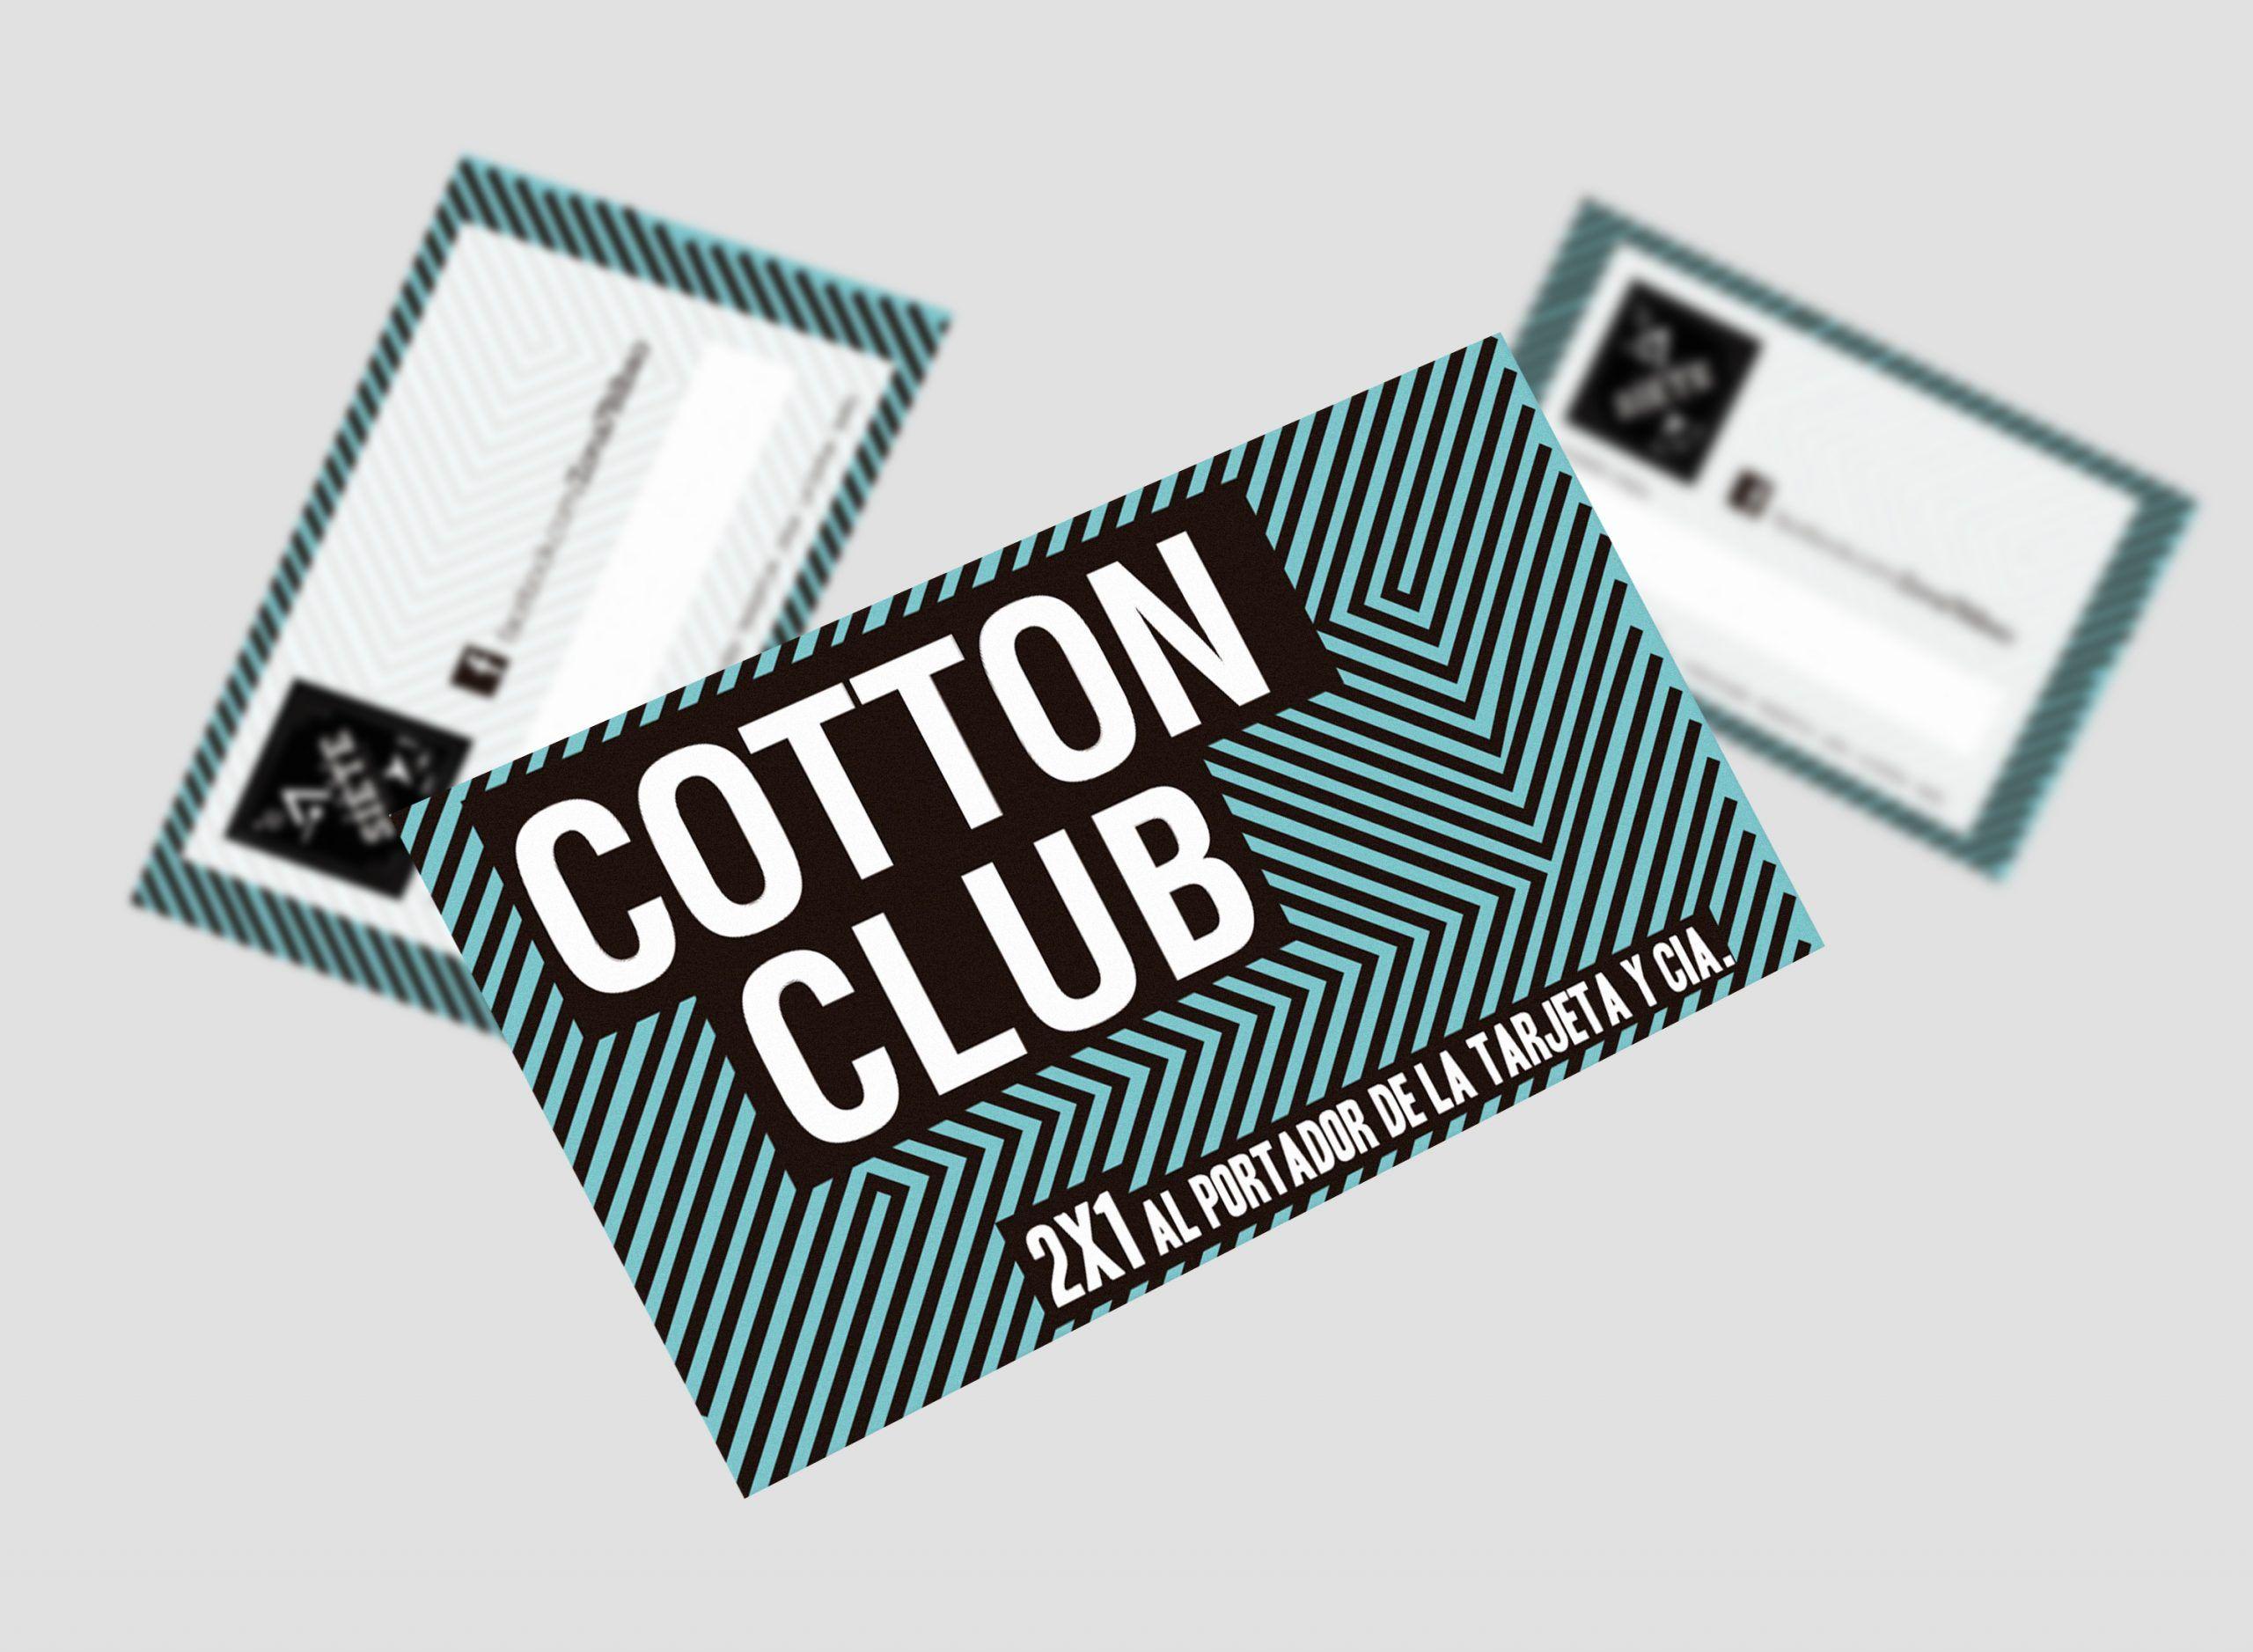 diseño tarjeta visita cotton club